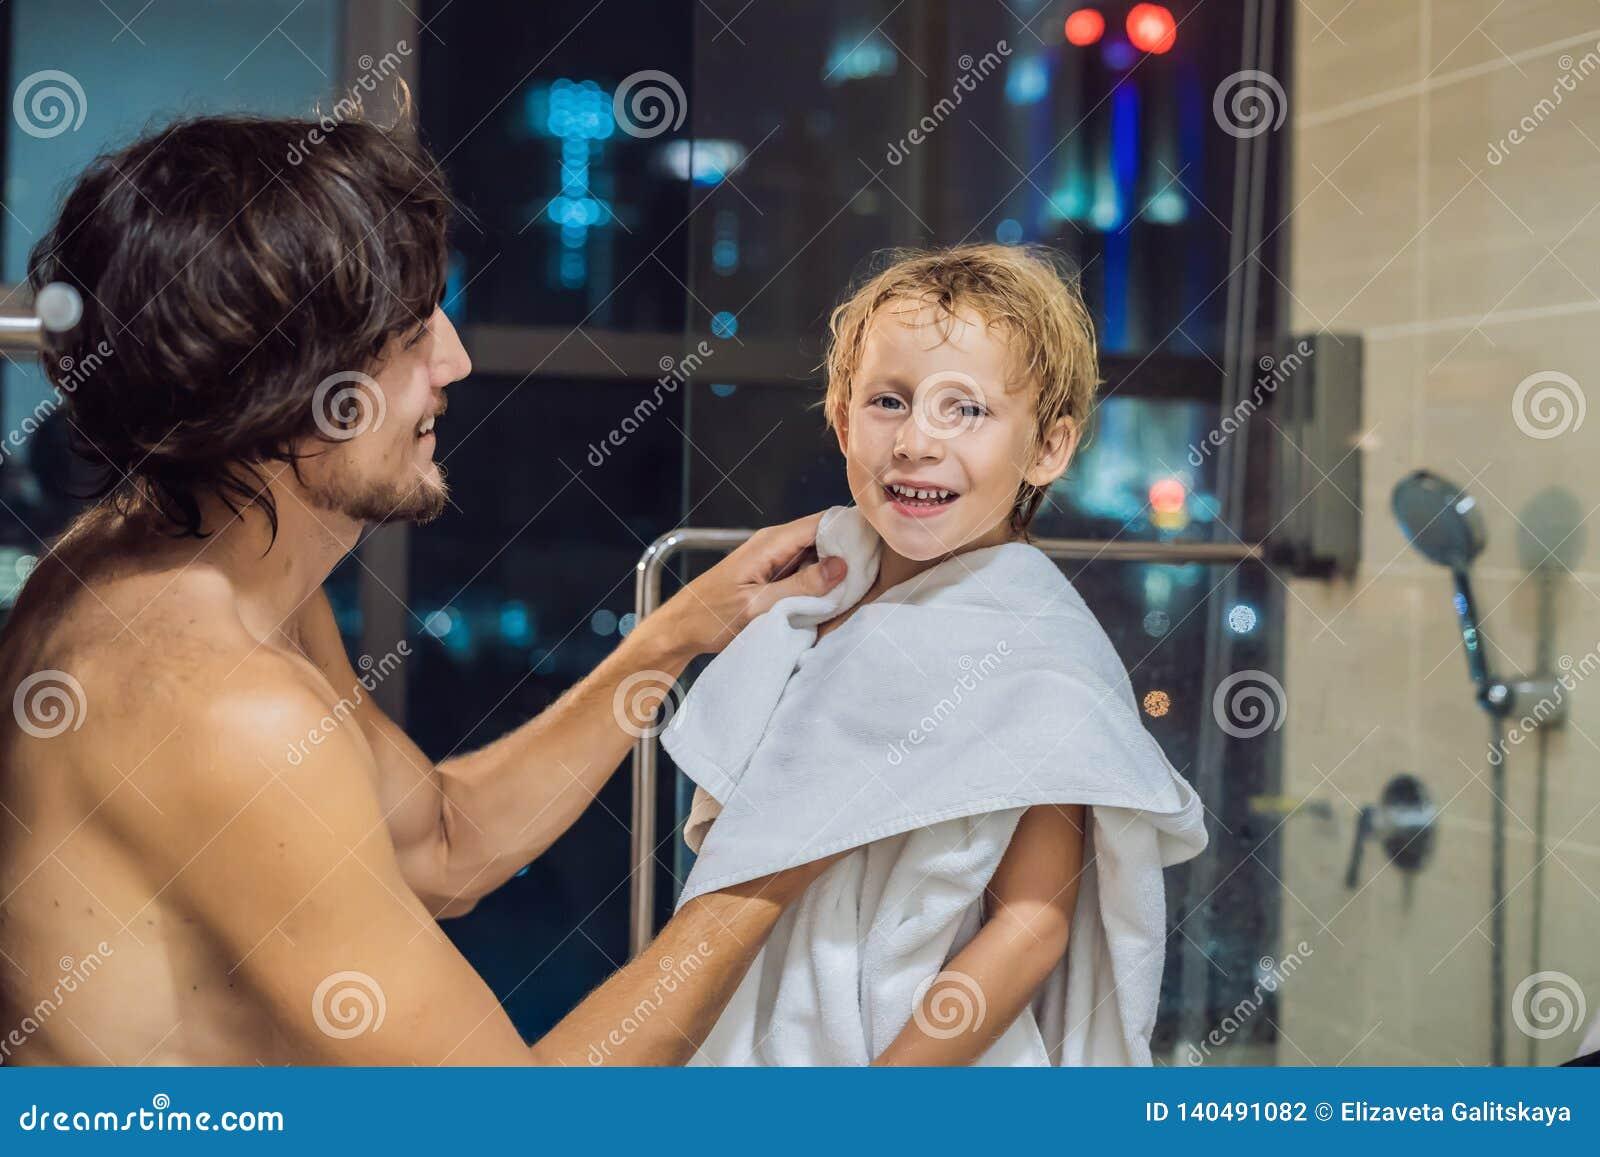 Le papa essuie son fils avec une serviette après une douche le soir avant d aller dormir sur le fond d une fenêtre avec a